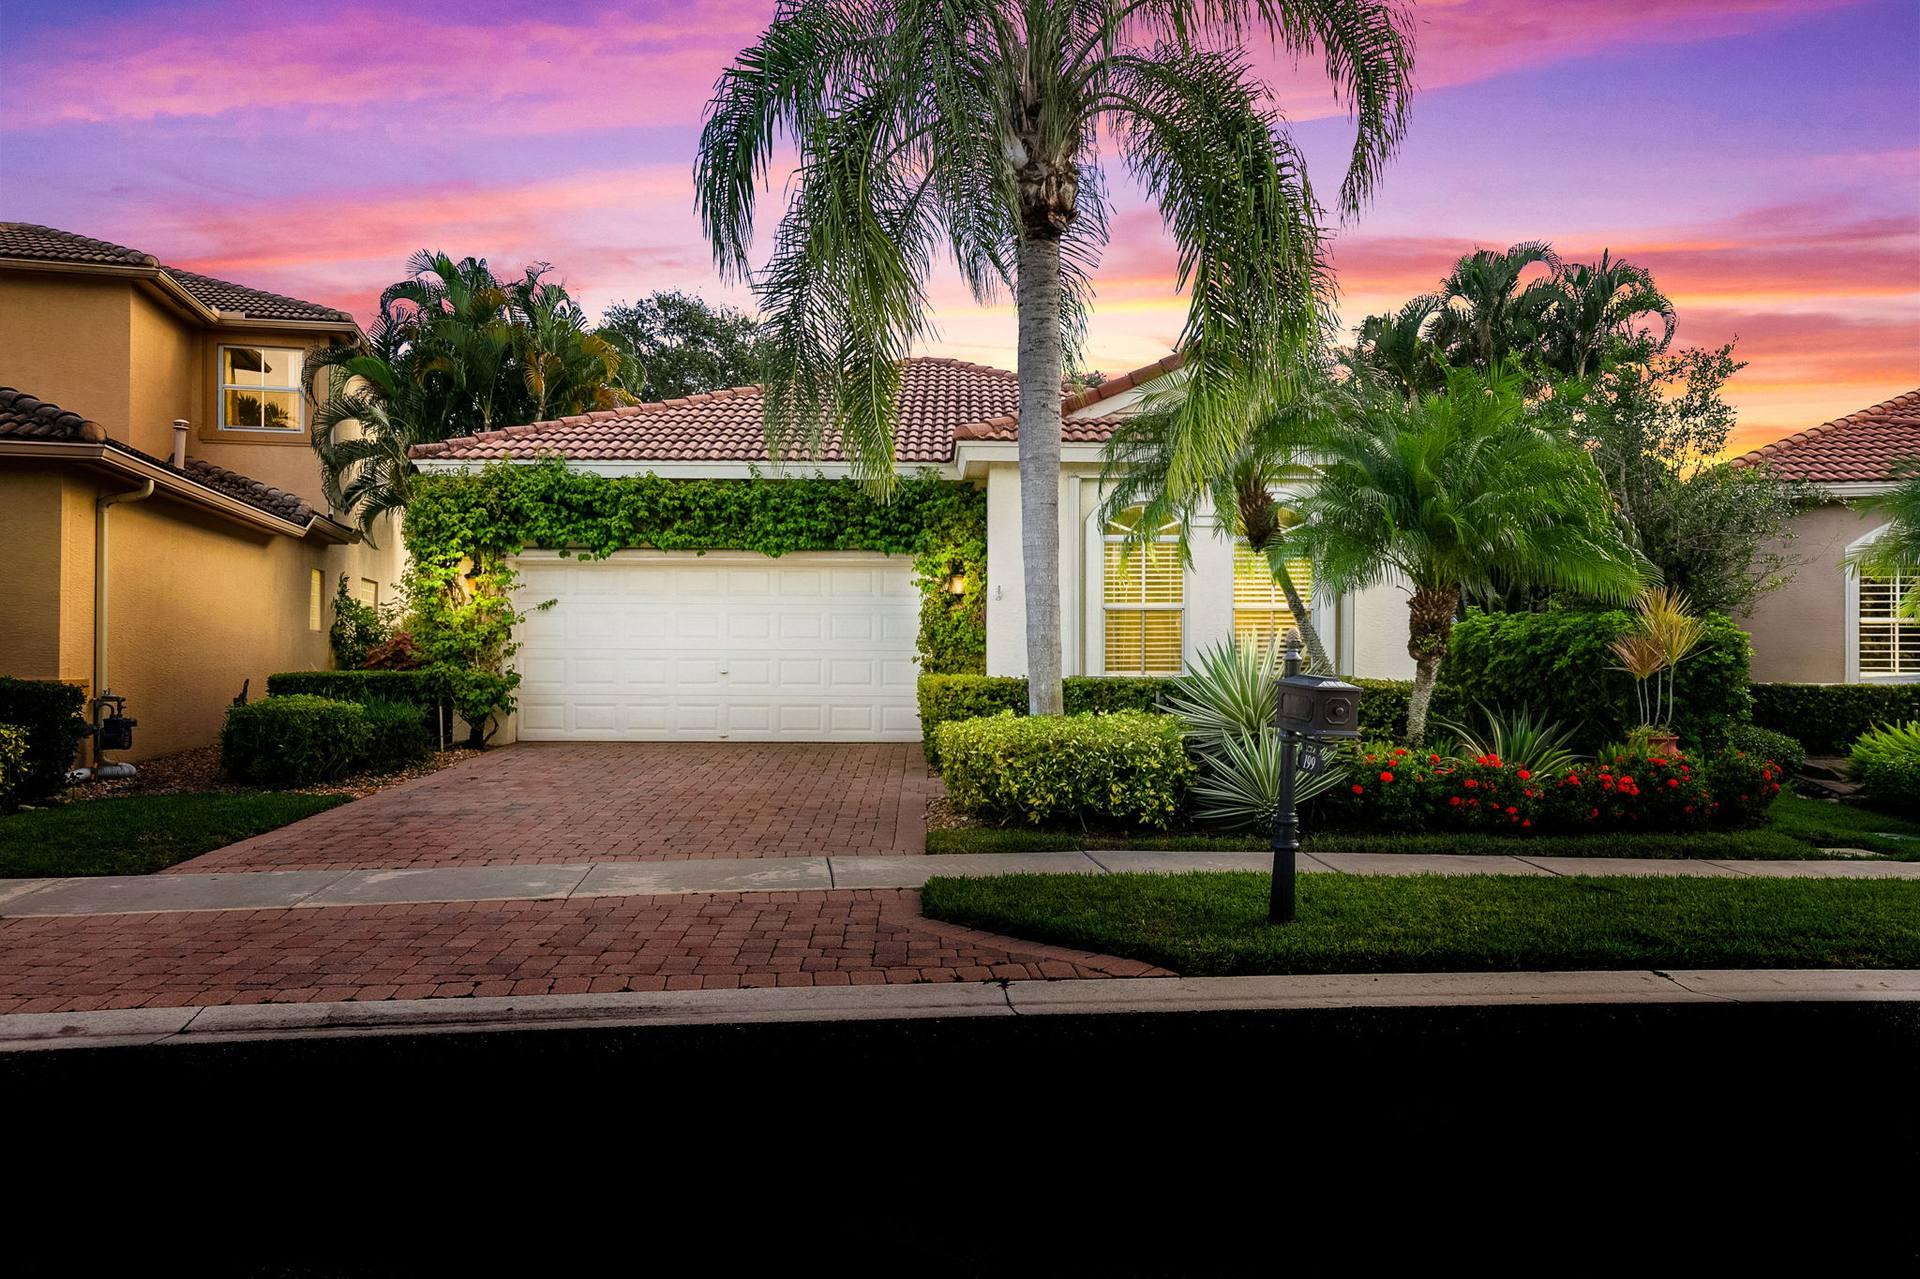 199 Via Condado Way, Palm Beach Gardens, FL 33418, USA